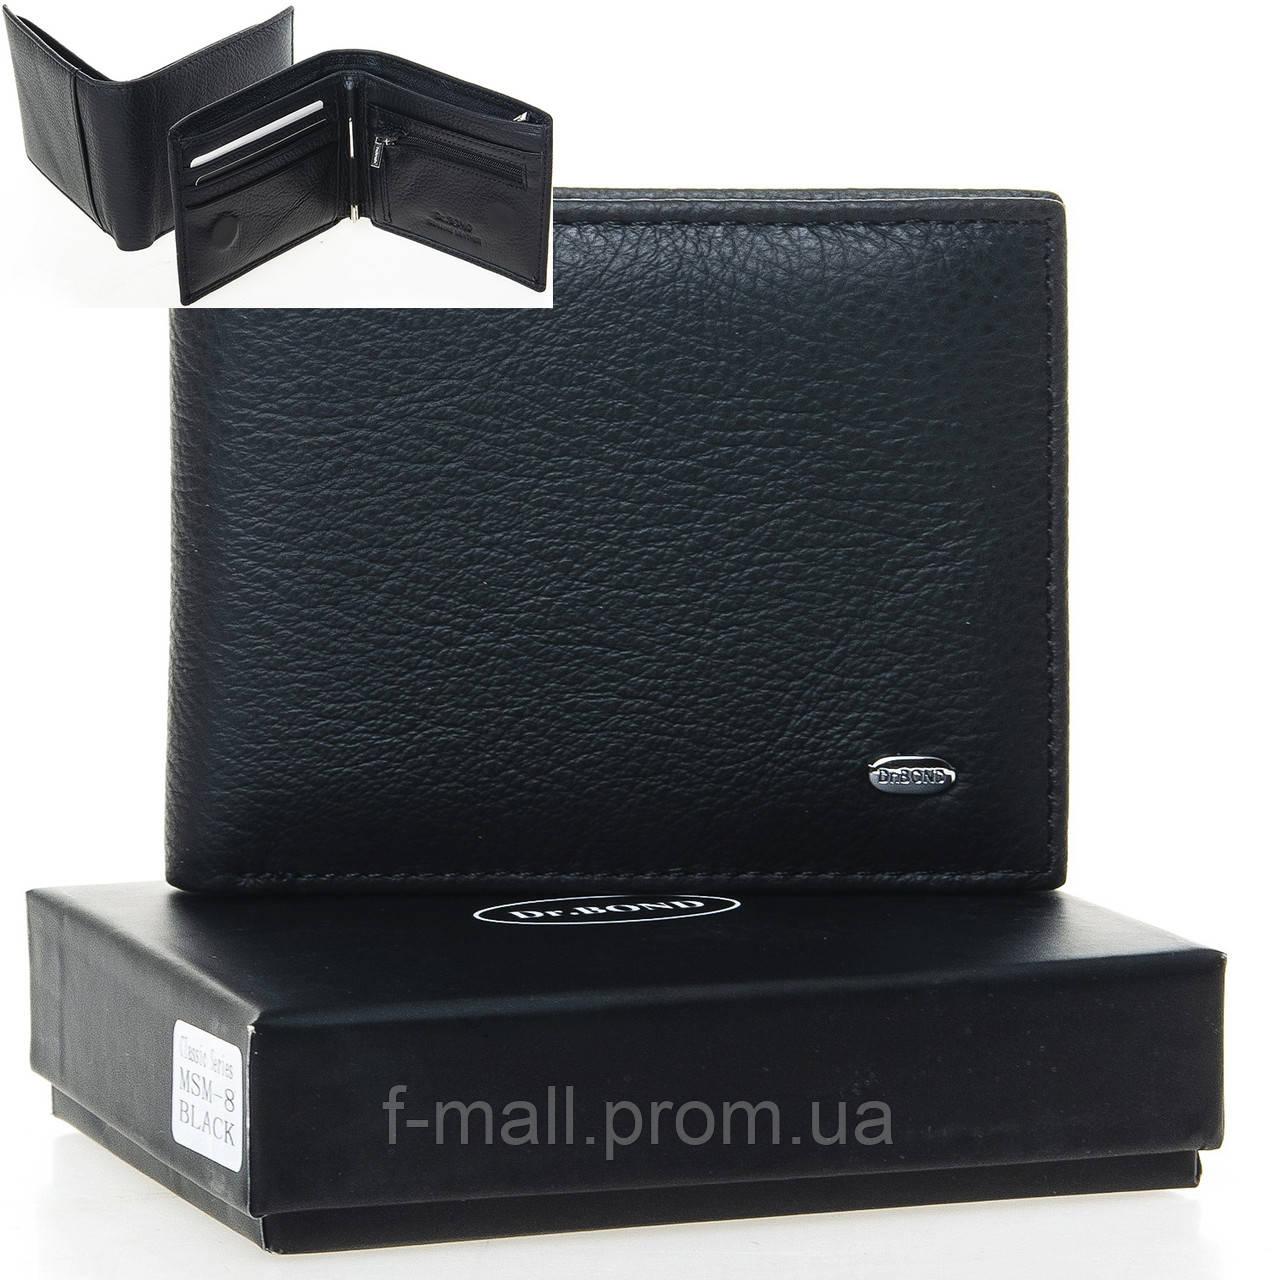 Кошелек портмоне  мужской кожаный на магните с зажимом DR. BOND черный (05-161)